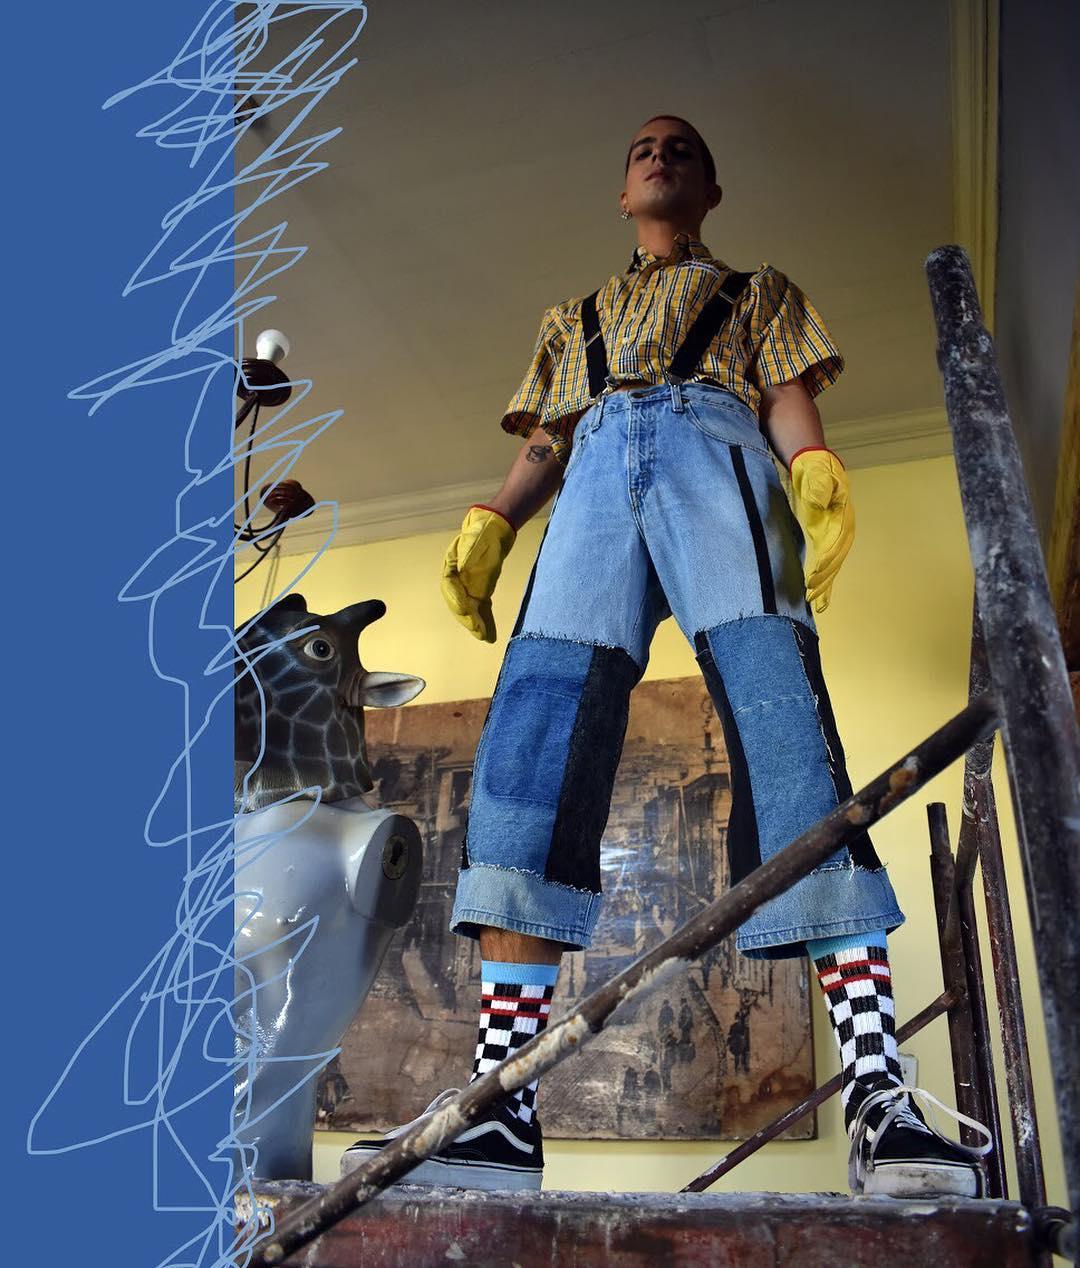 Tenida jeans y camisa de Andromeda marca de vestuario desde el upcycling